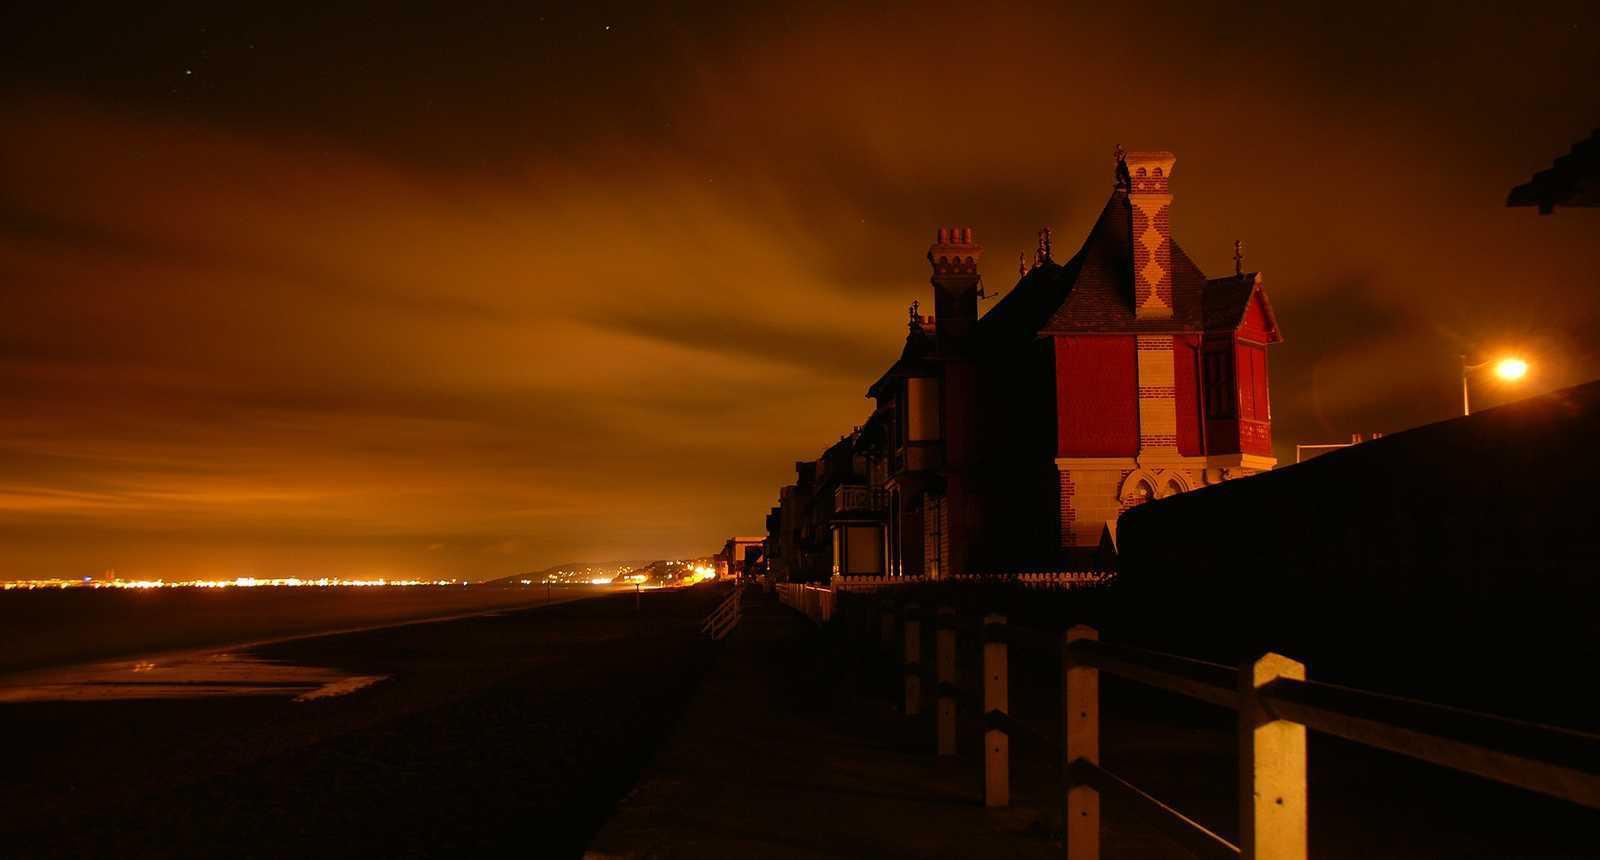 Plage du Havre de nuit